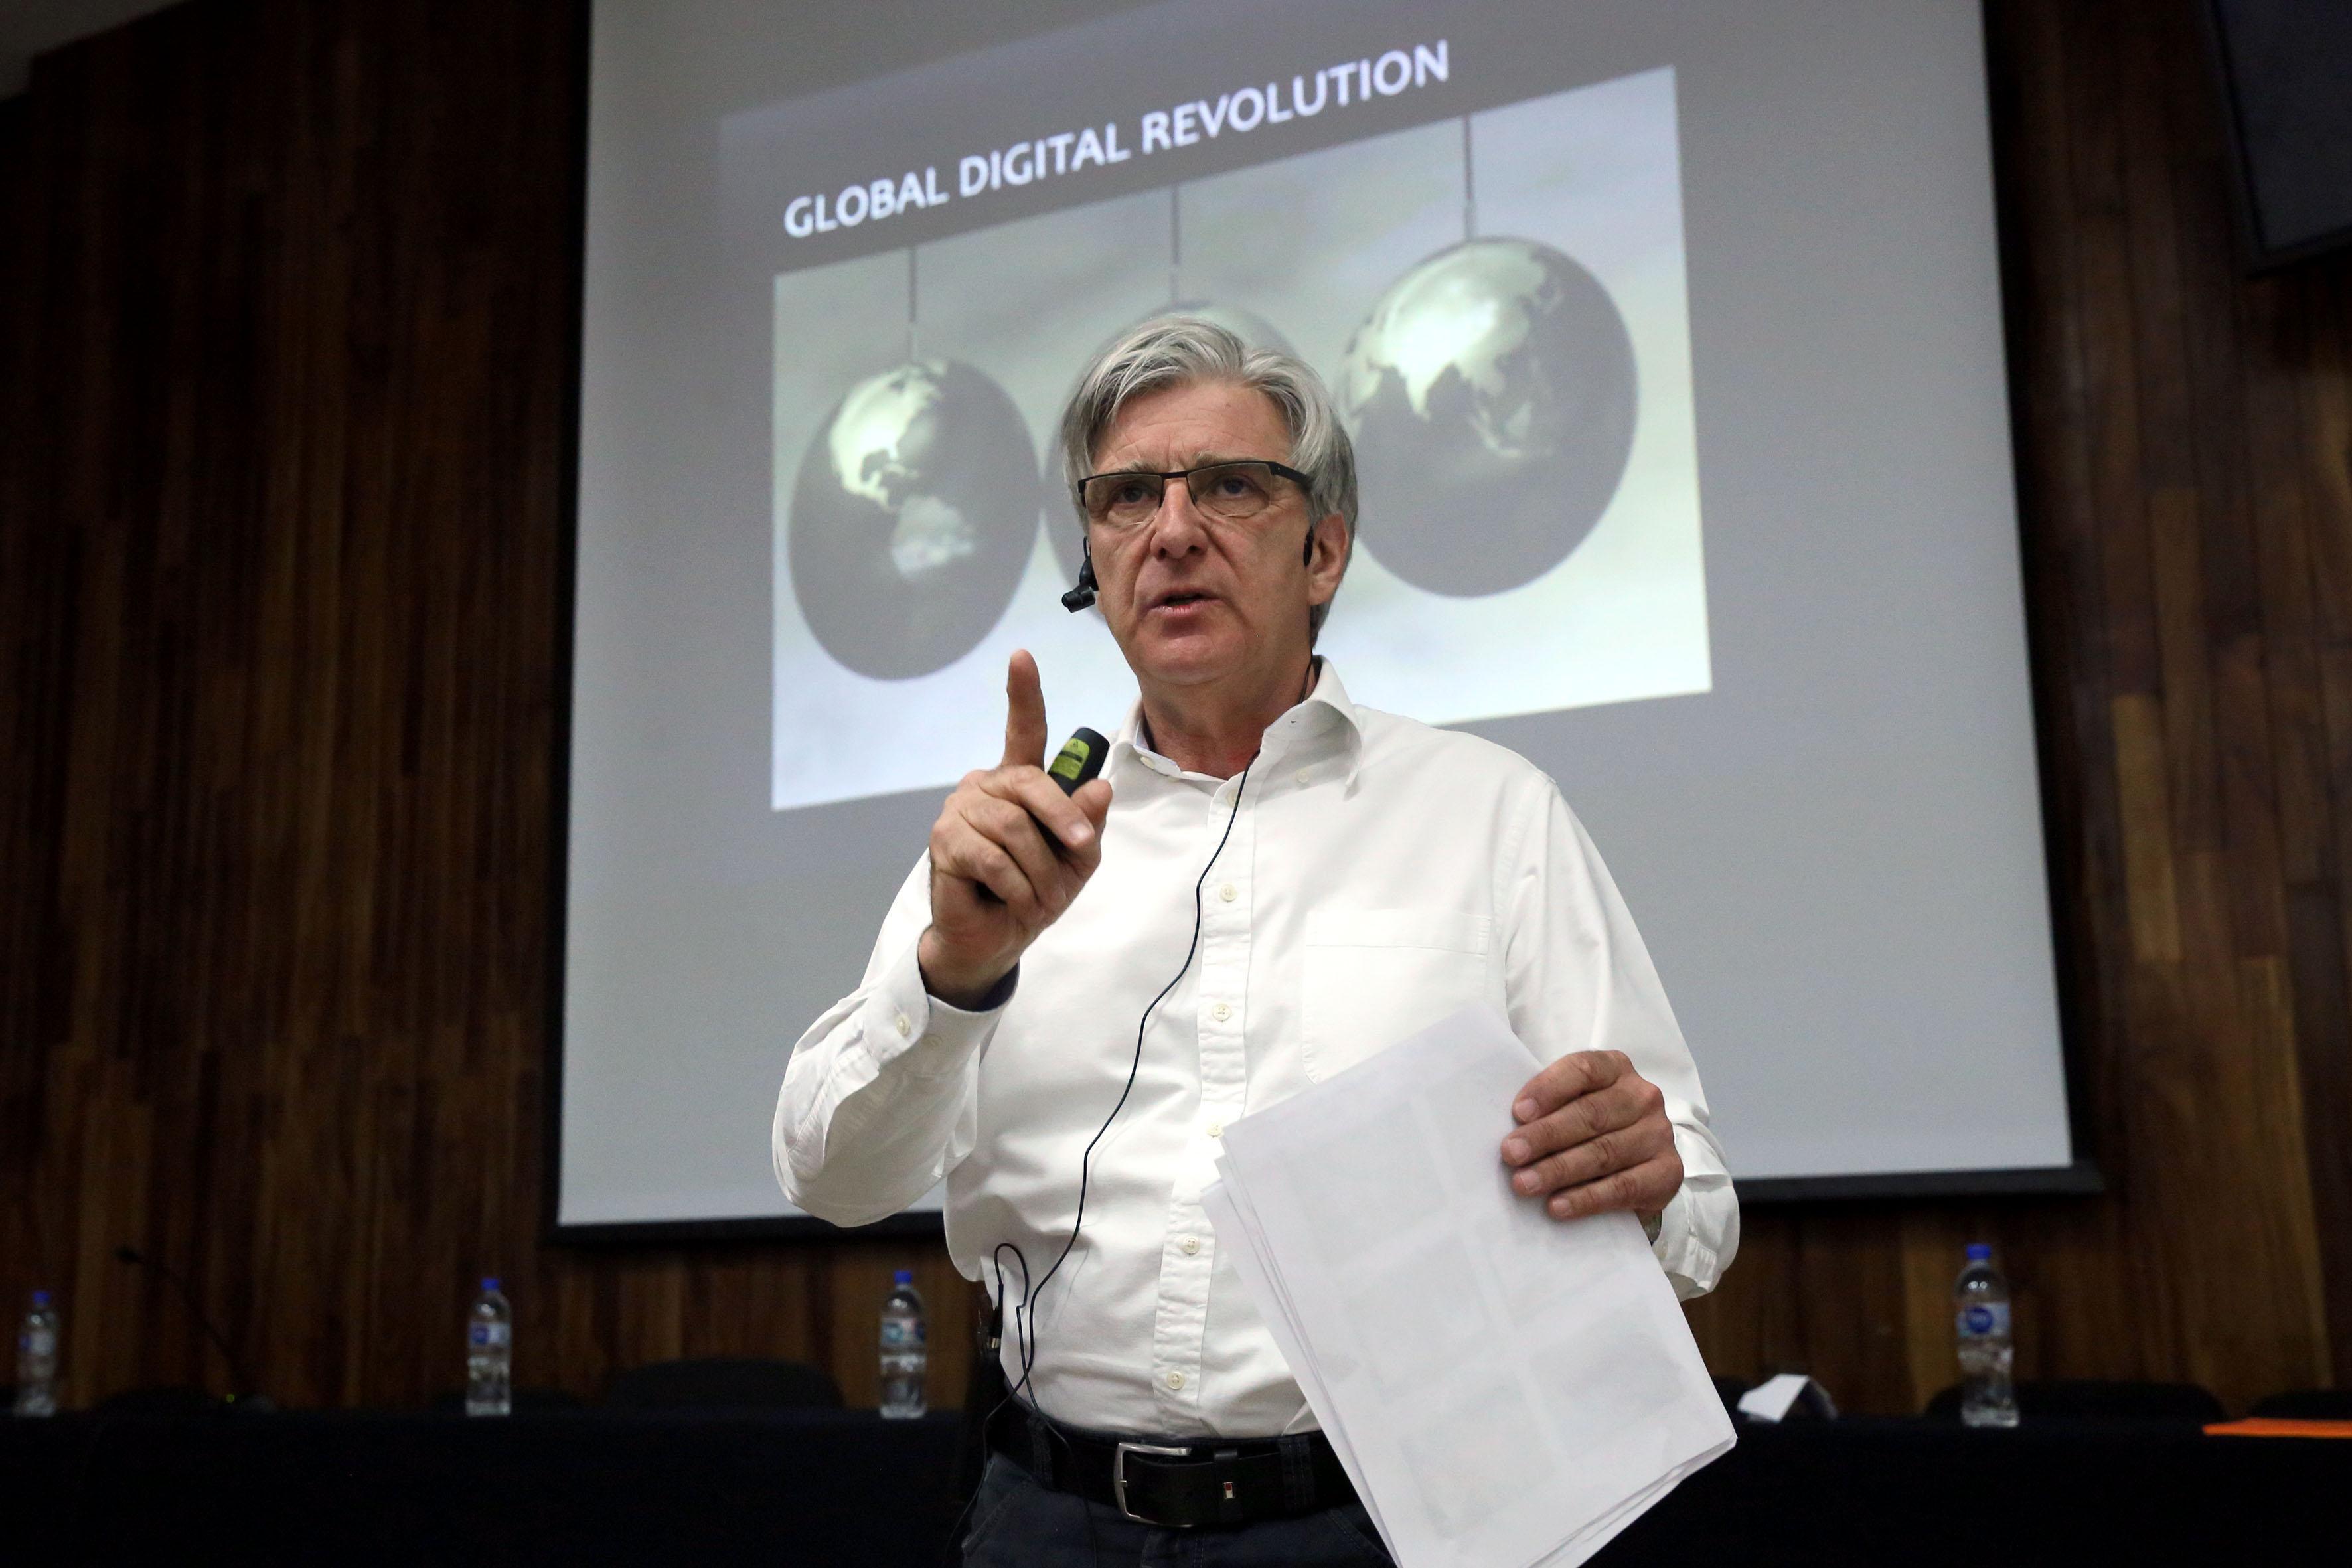 El doctor David Marsh, profesor de la Universidad de Jyväskylä, haciendo uso de la palabra.